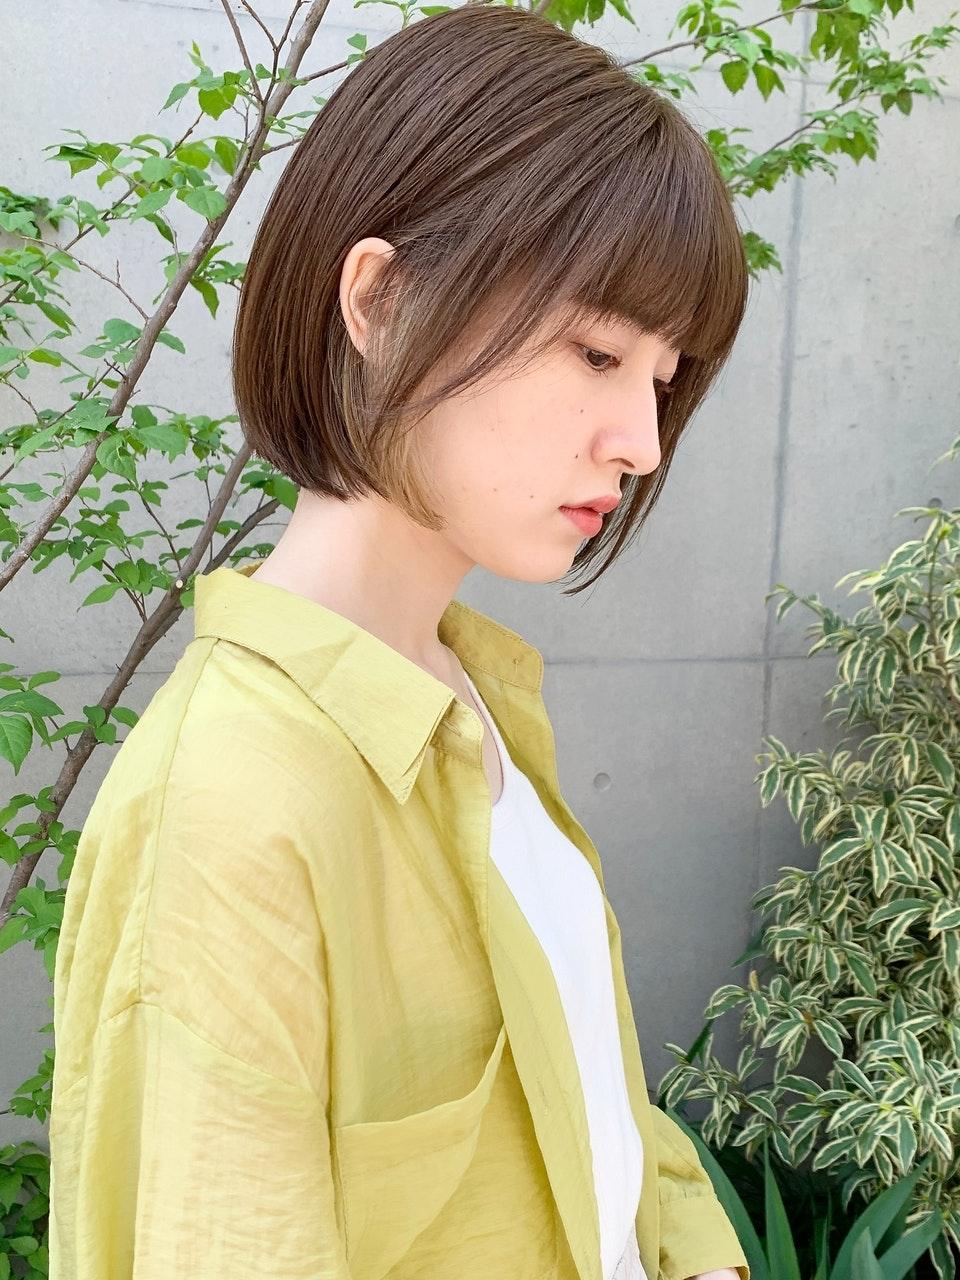 【2021年】夏の爽やかボブヘア特集!スッキリ涼しげなスタイルにチェンジのサムネイル画像